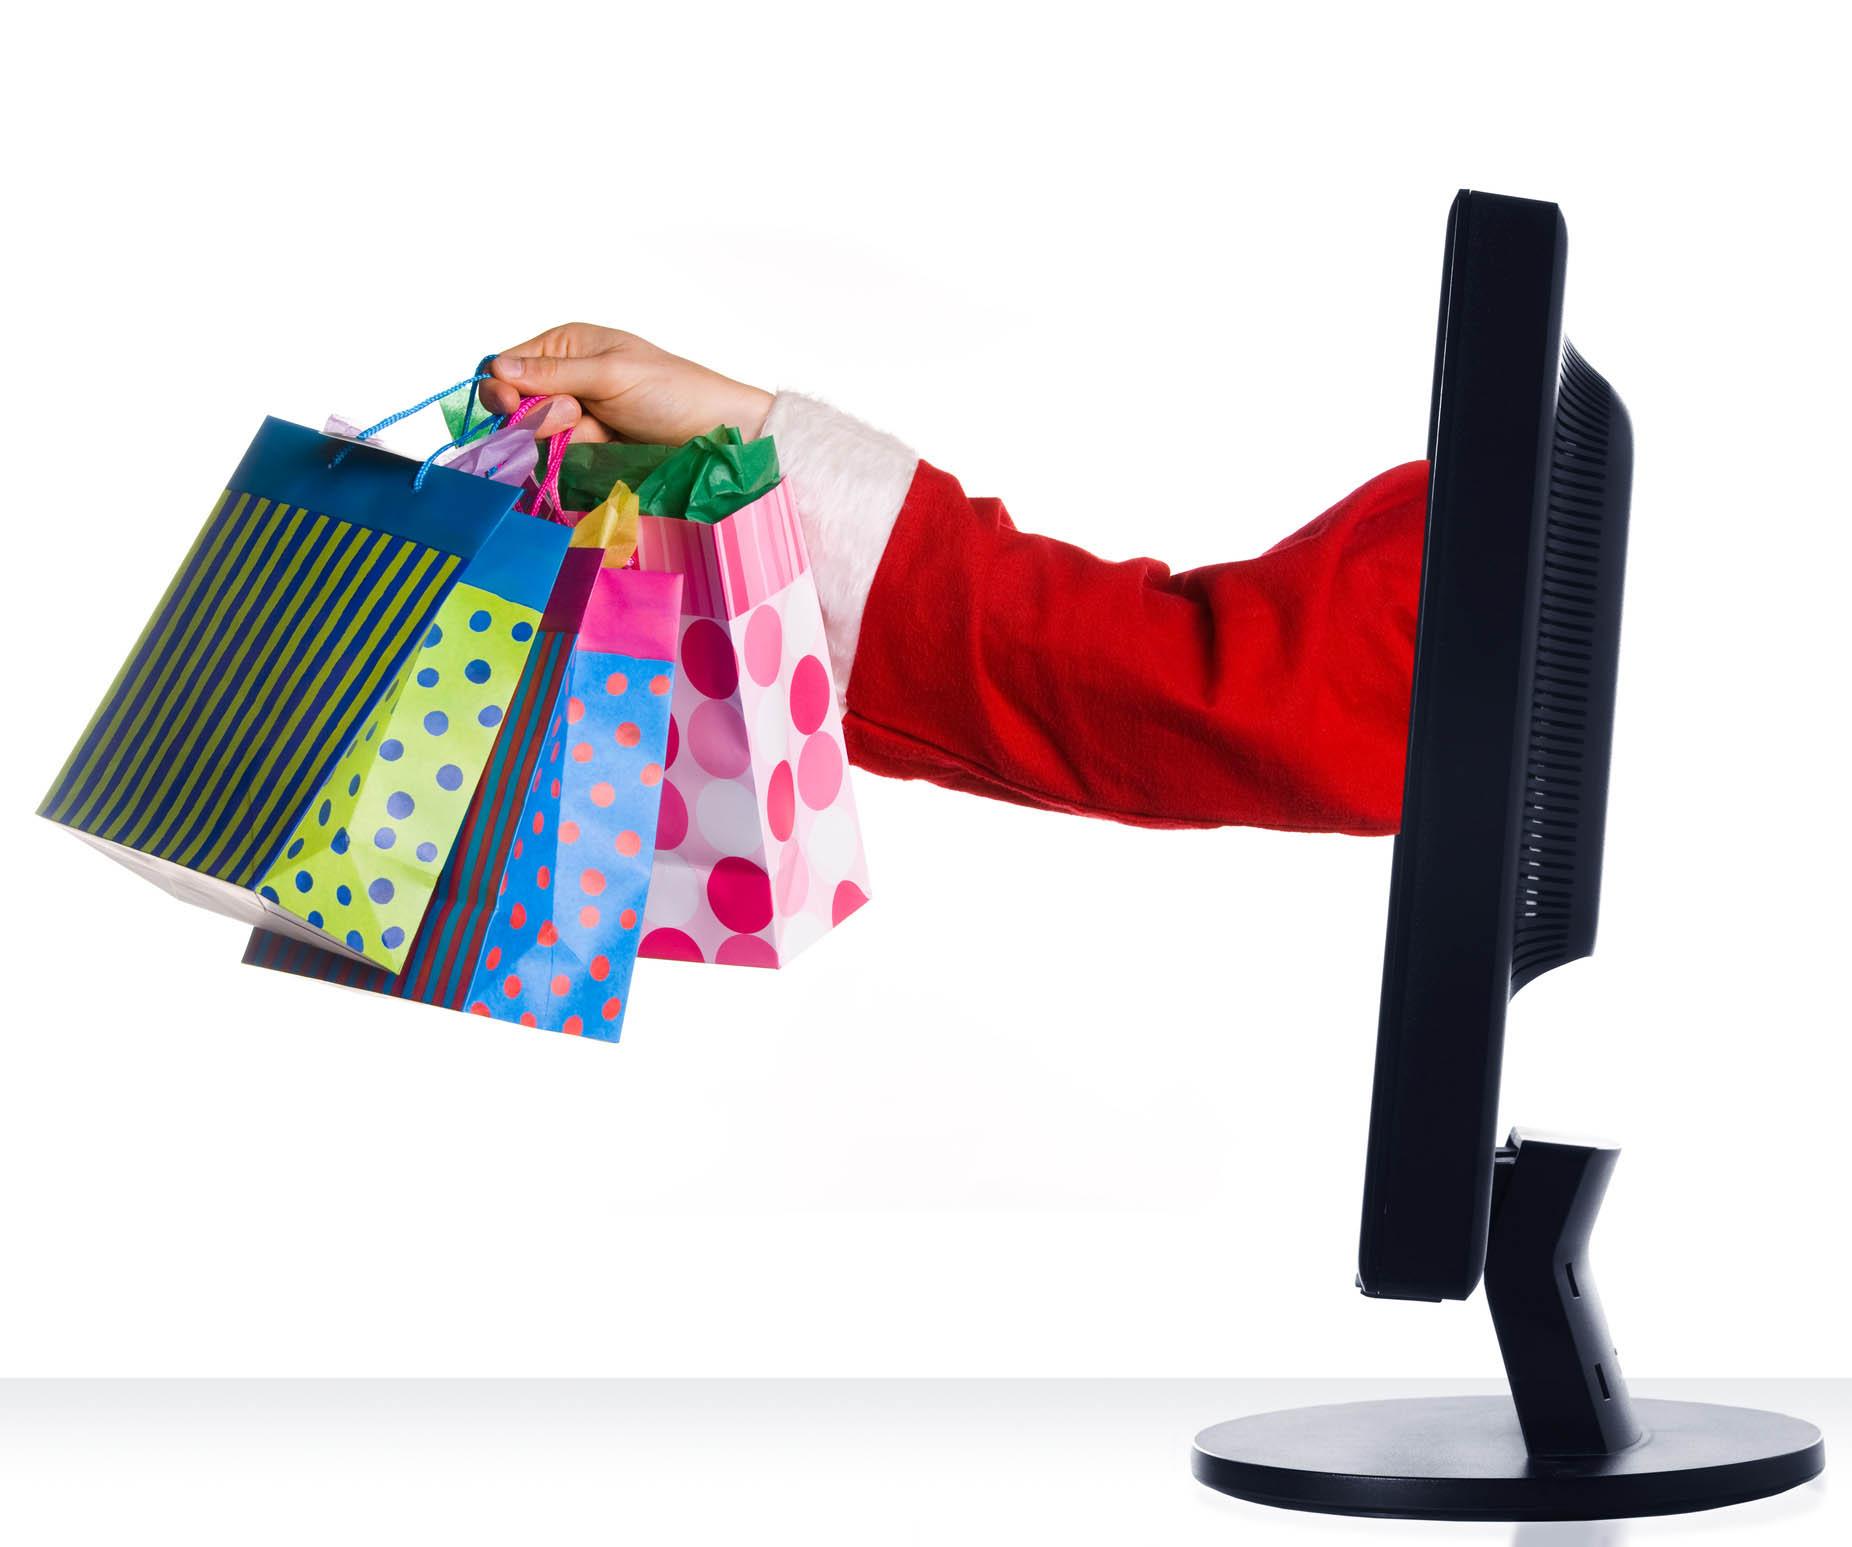 Những mẹo mua sắm quần áo ngày lễ - Mua sắm quần áo online